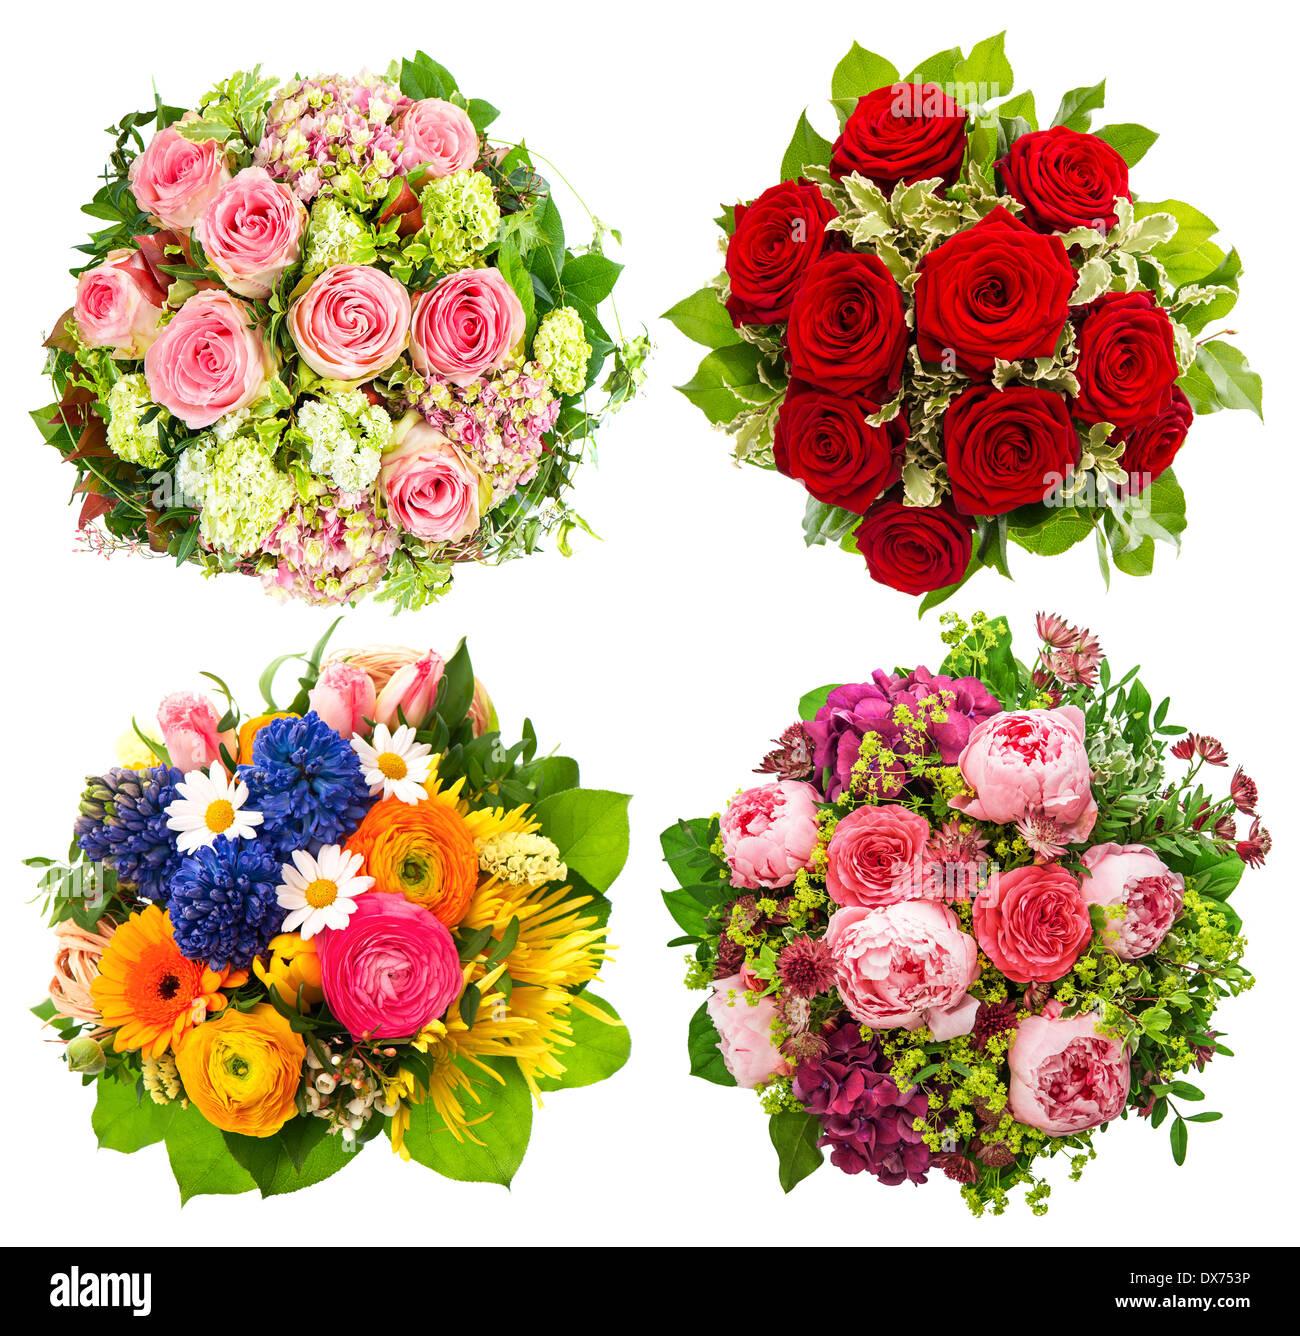 Quatre Fleurs Bouquet Pour Anniversaire Mariage Fête Des